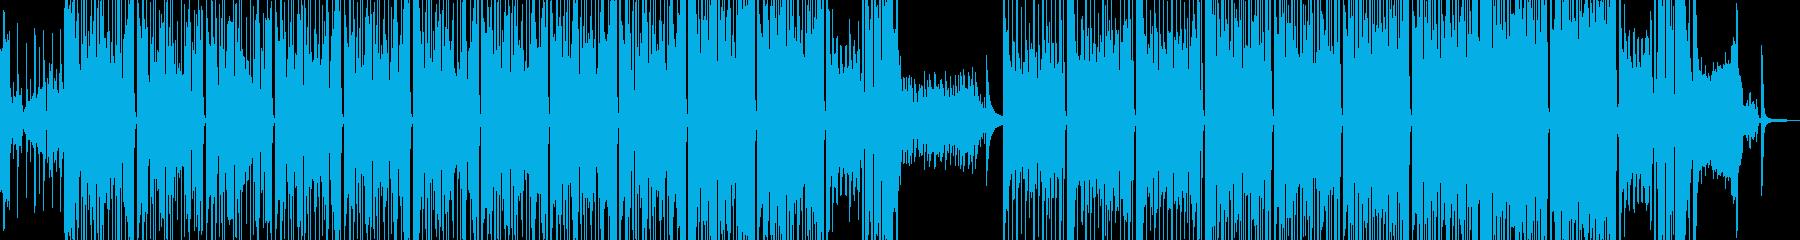 タイム制限クイズのようなポップス bの再生済みの波形